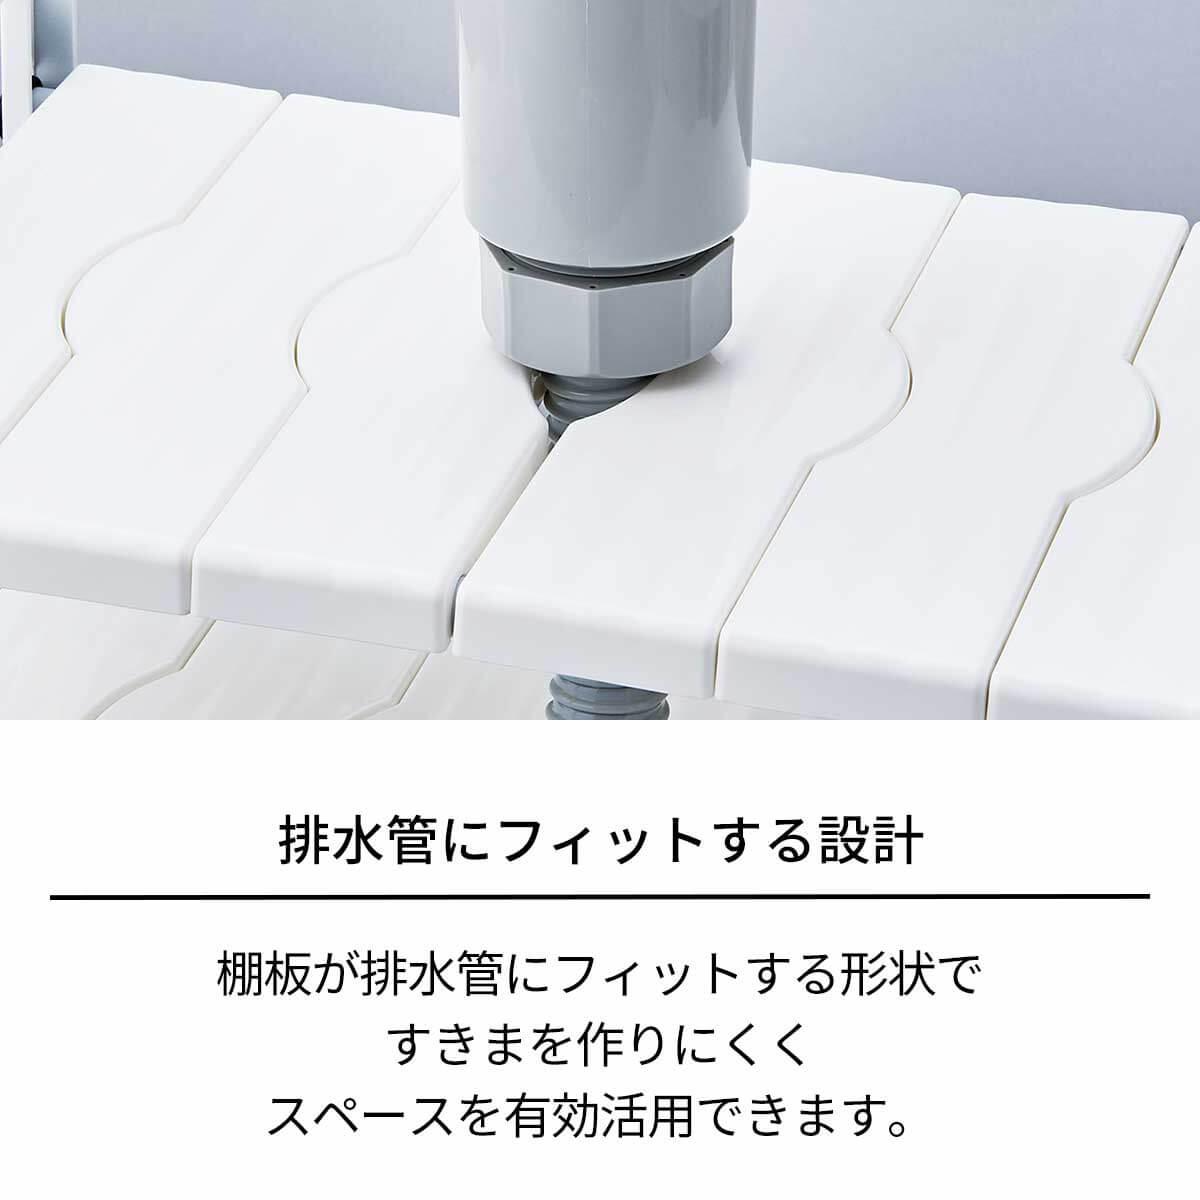 ファビエ シンク下伸縮式ラック すっきり整頓シリーズ